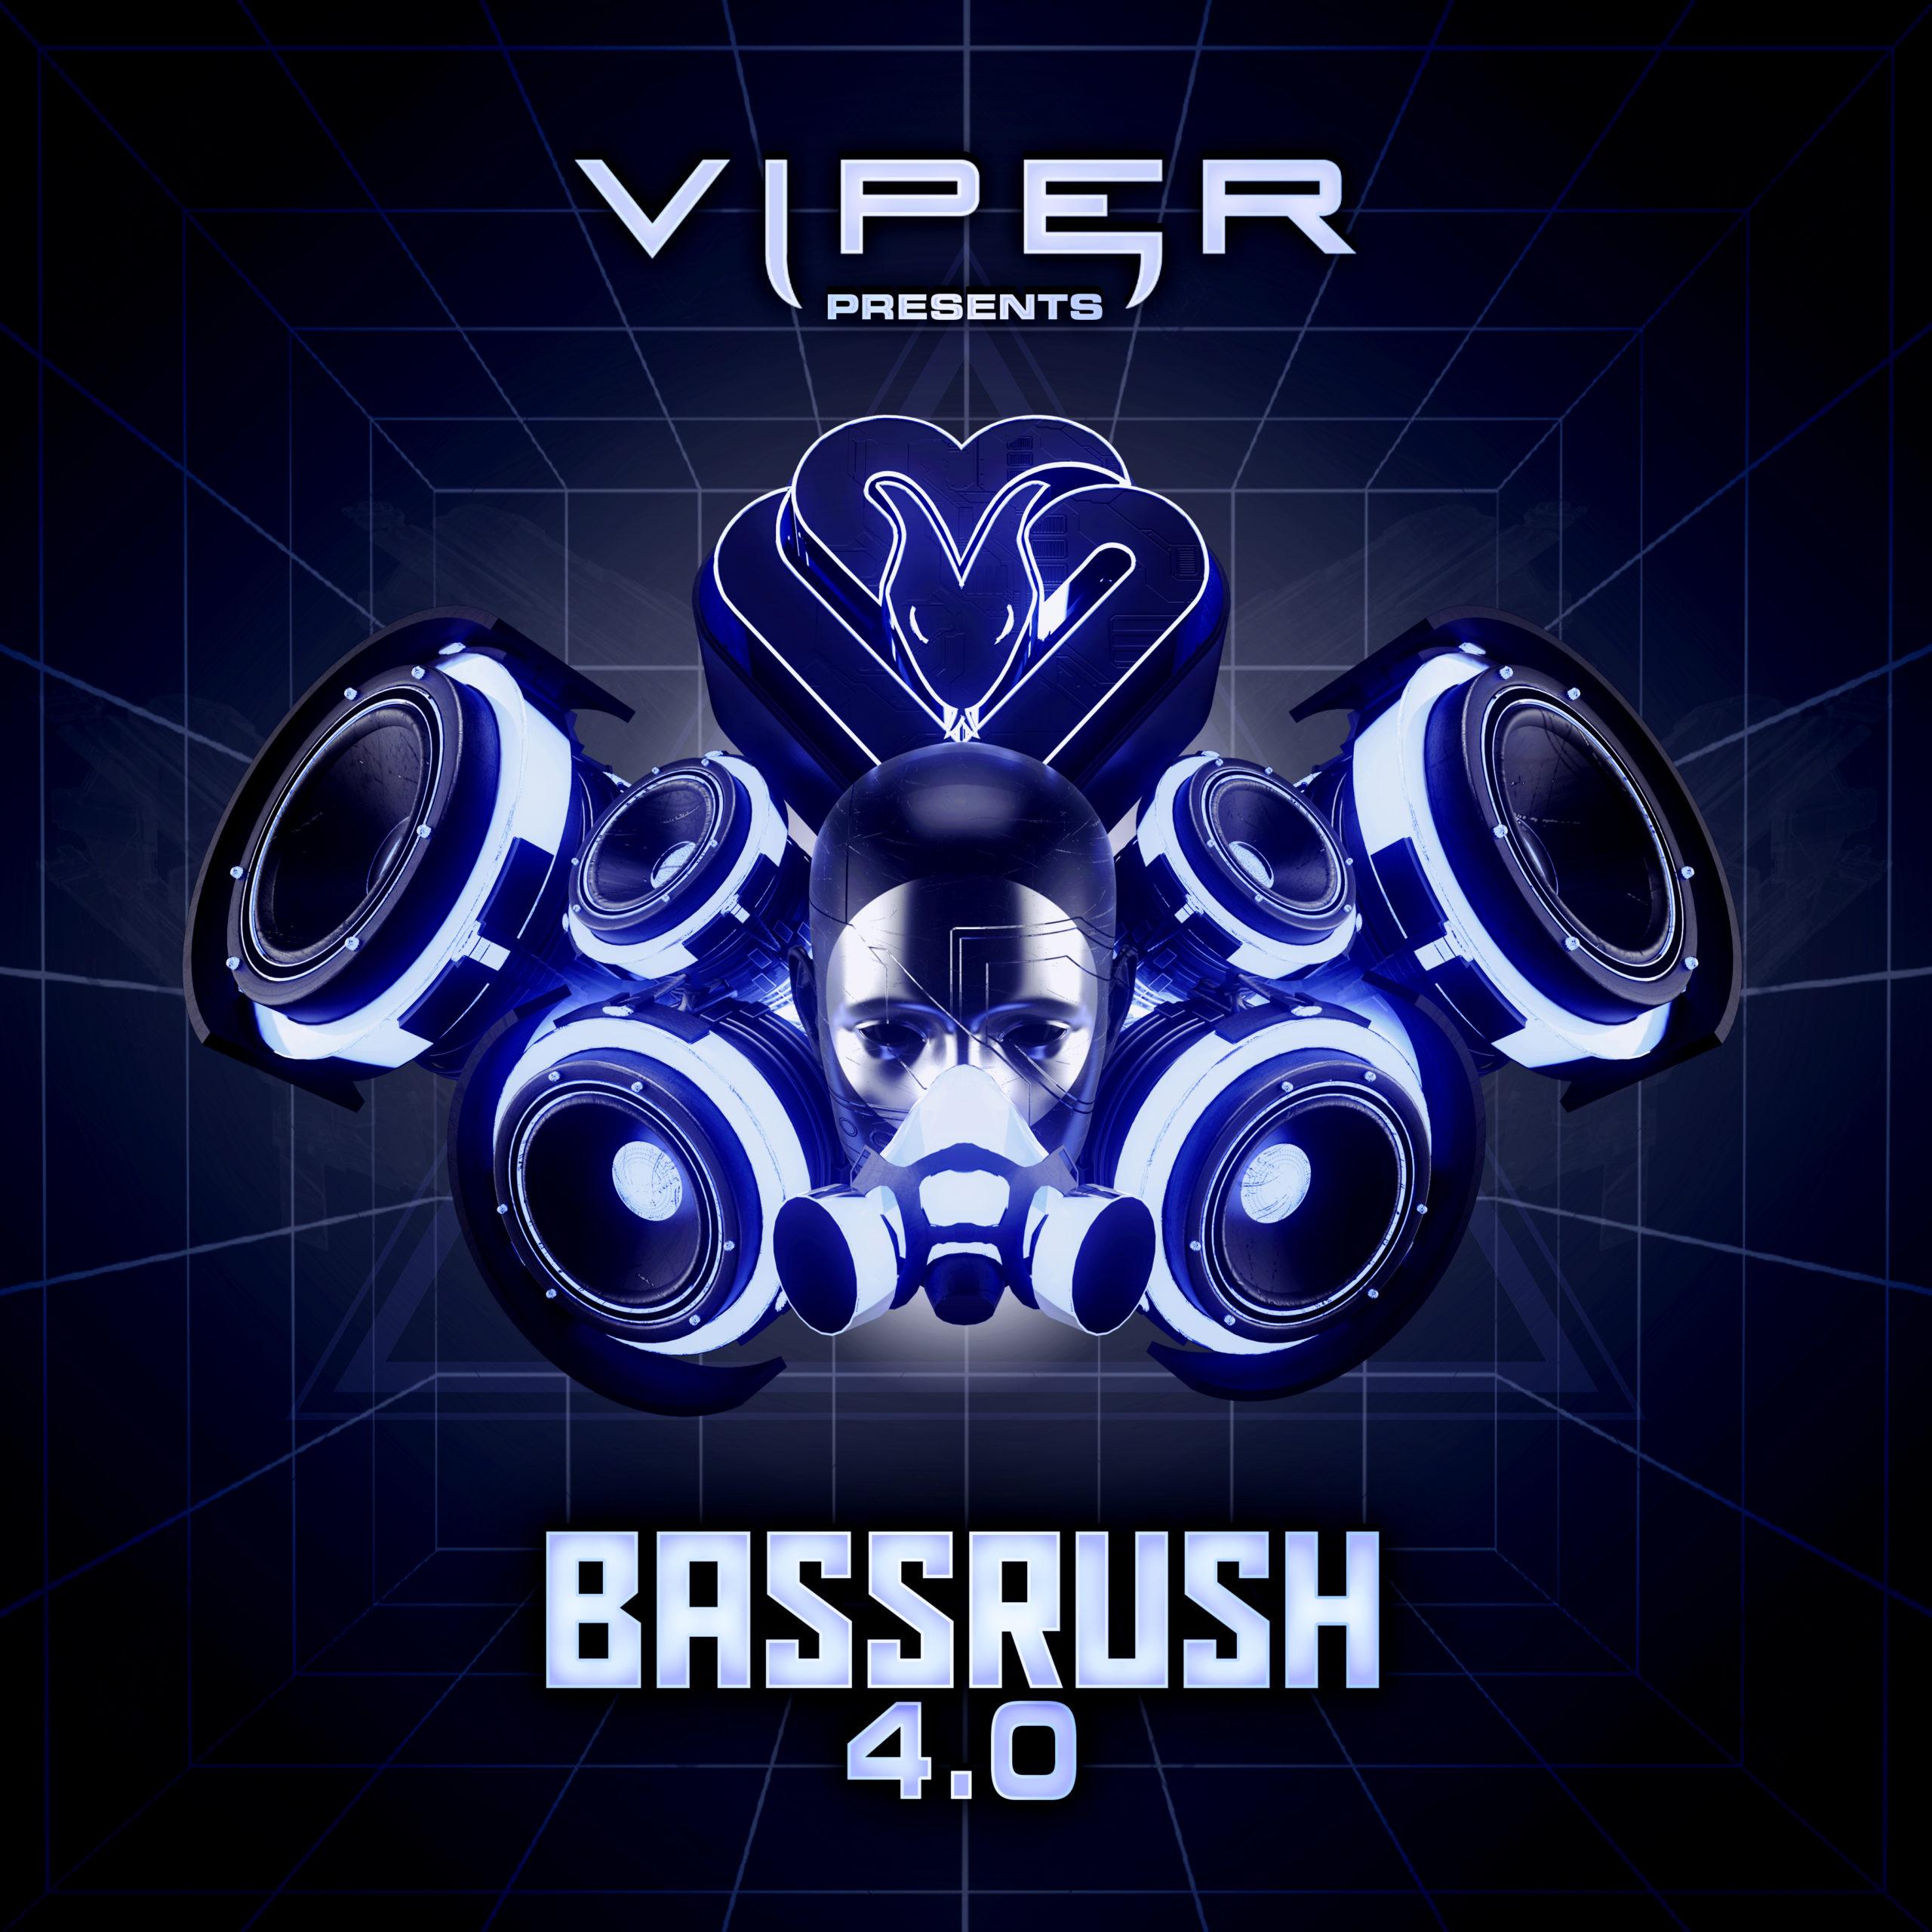 Viper Presents: Bassrush 4.0